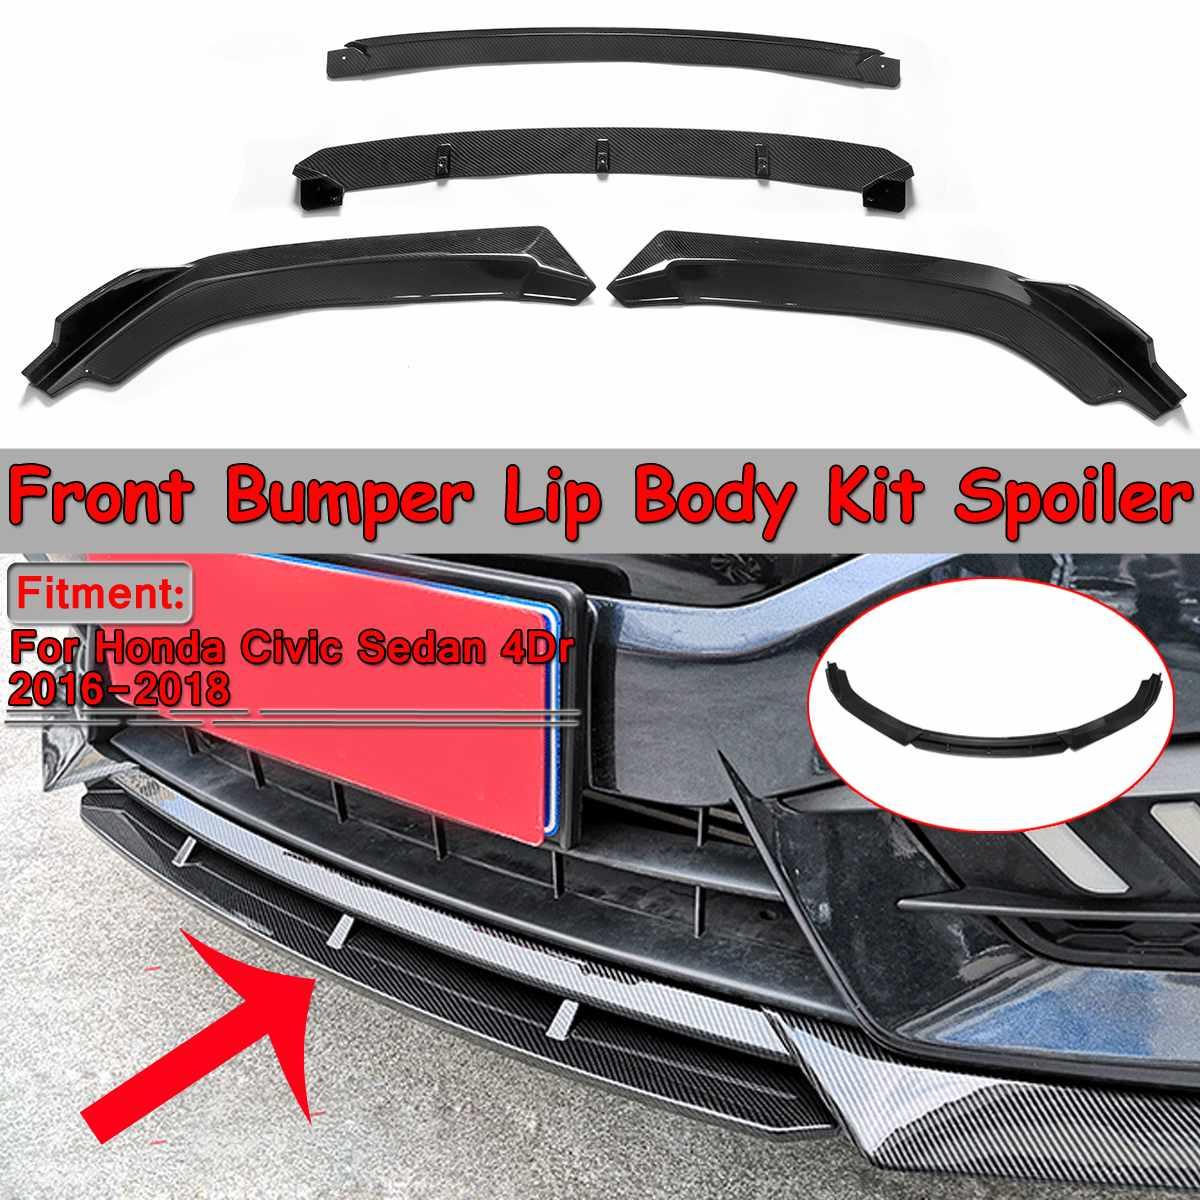 Novo 4 pçs amortecedor dianteiro do carro divisor lábio difusor kit corpo spoiler pára-choques protetor para honda para civic sedan 4dr 2016-2018